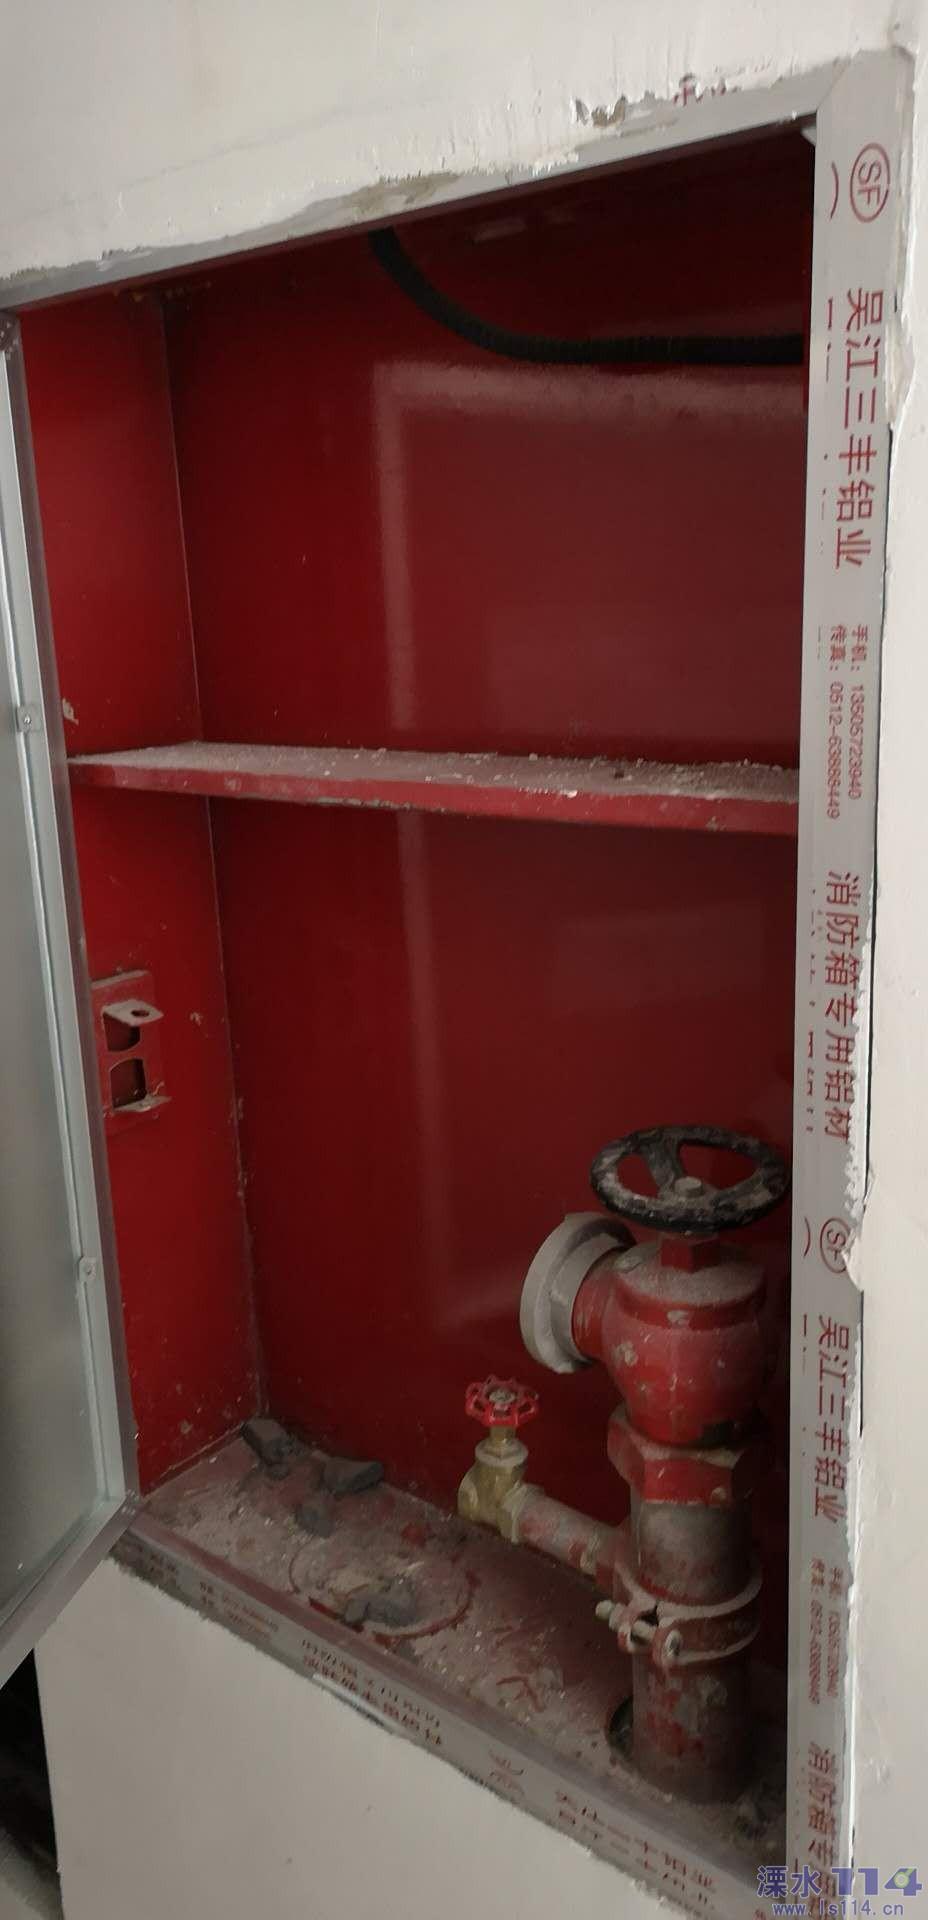 没有消防设施的消防柜